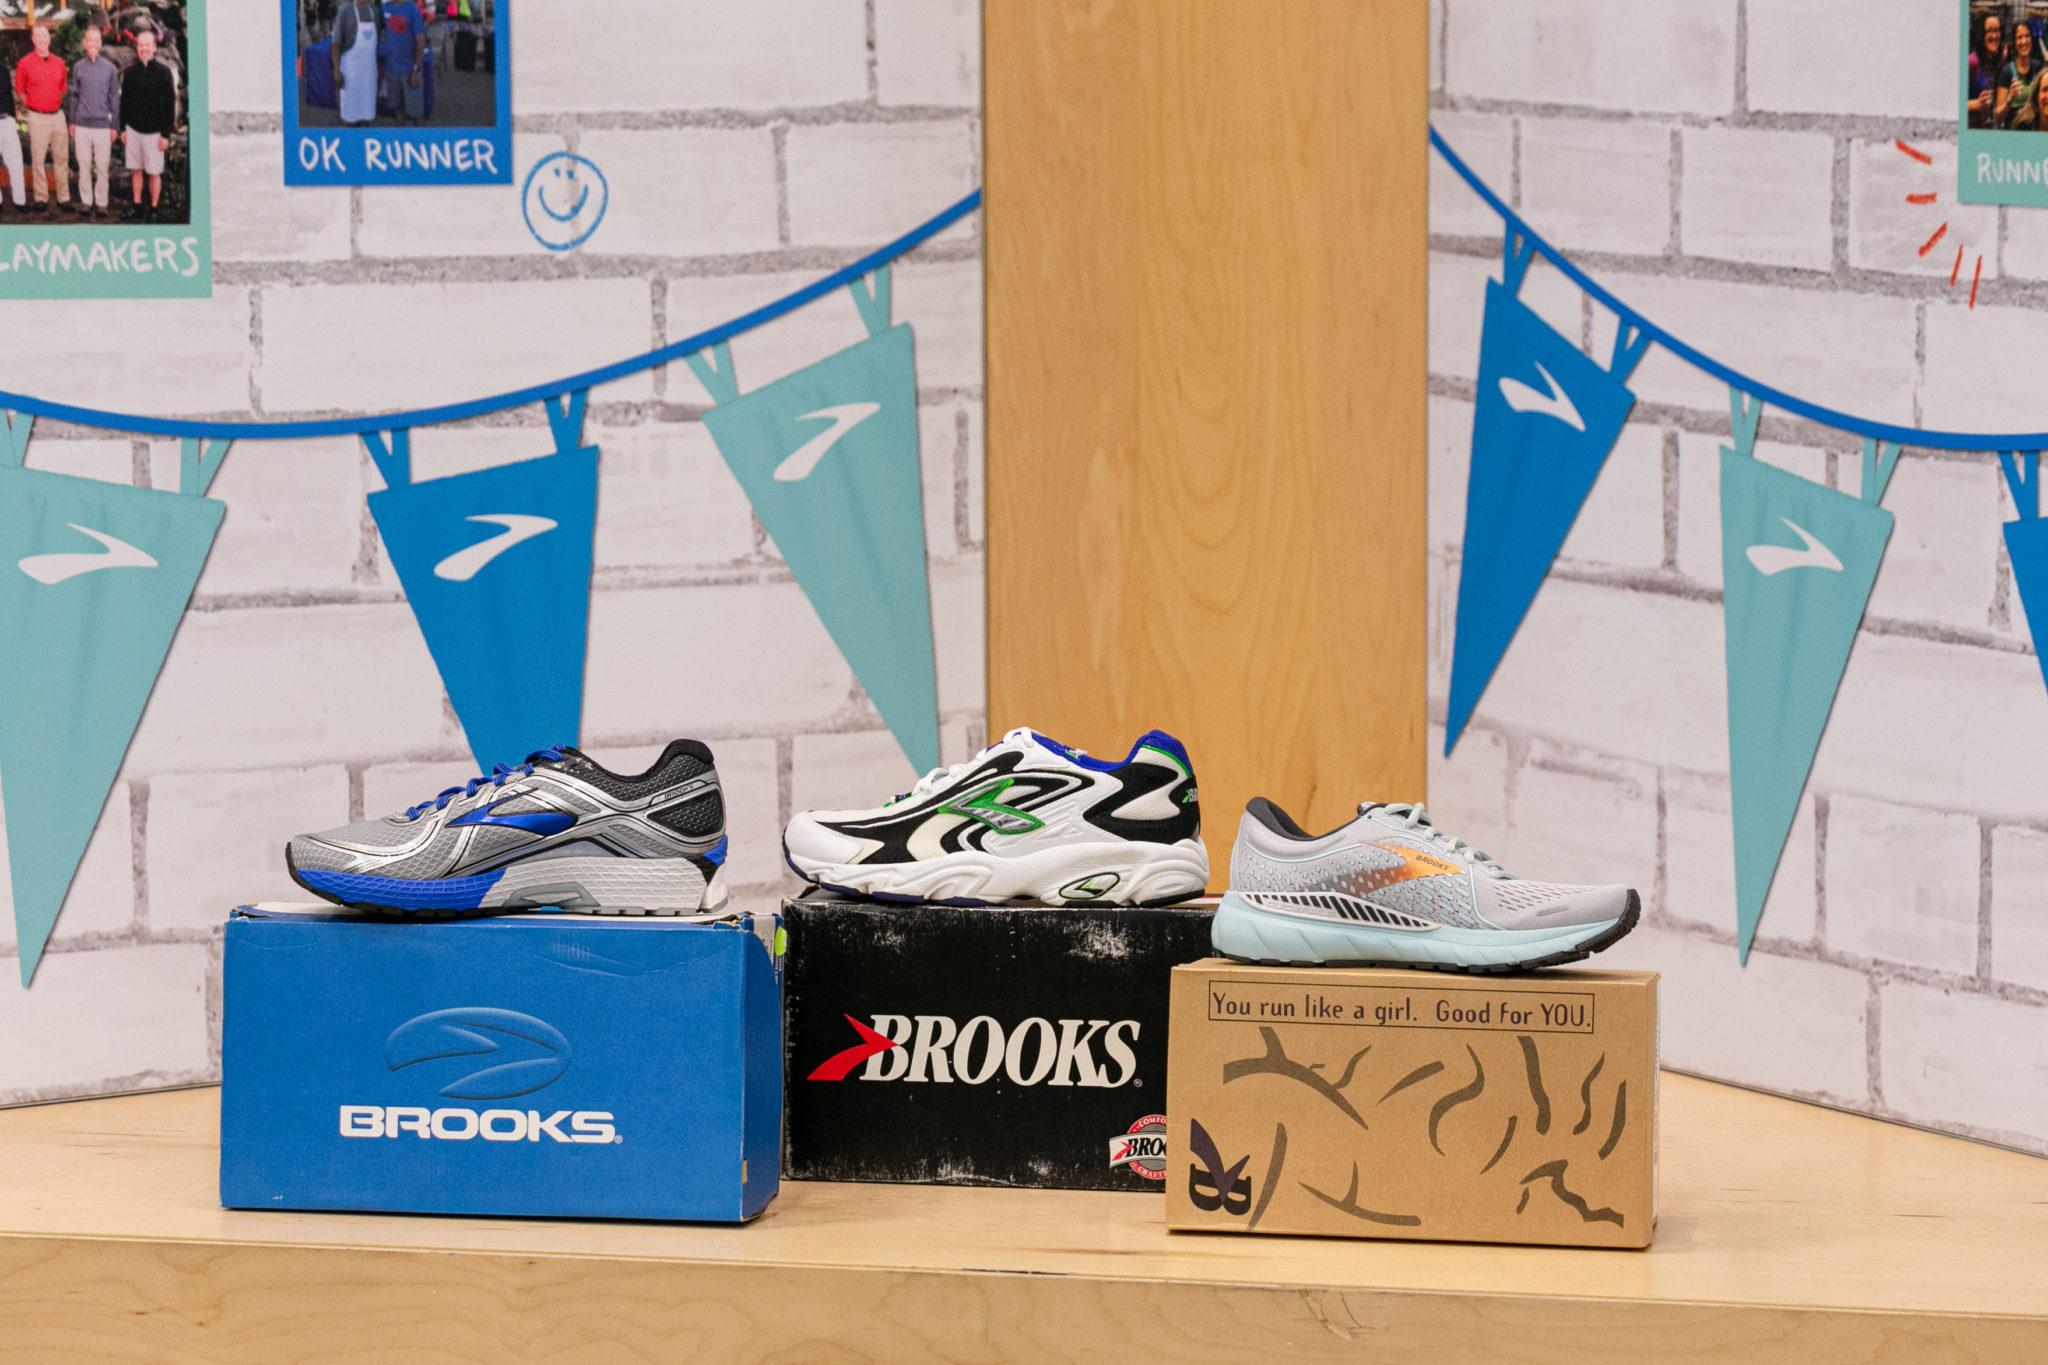 Brooks Shoes, TRE 2019